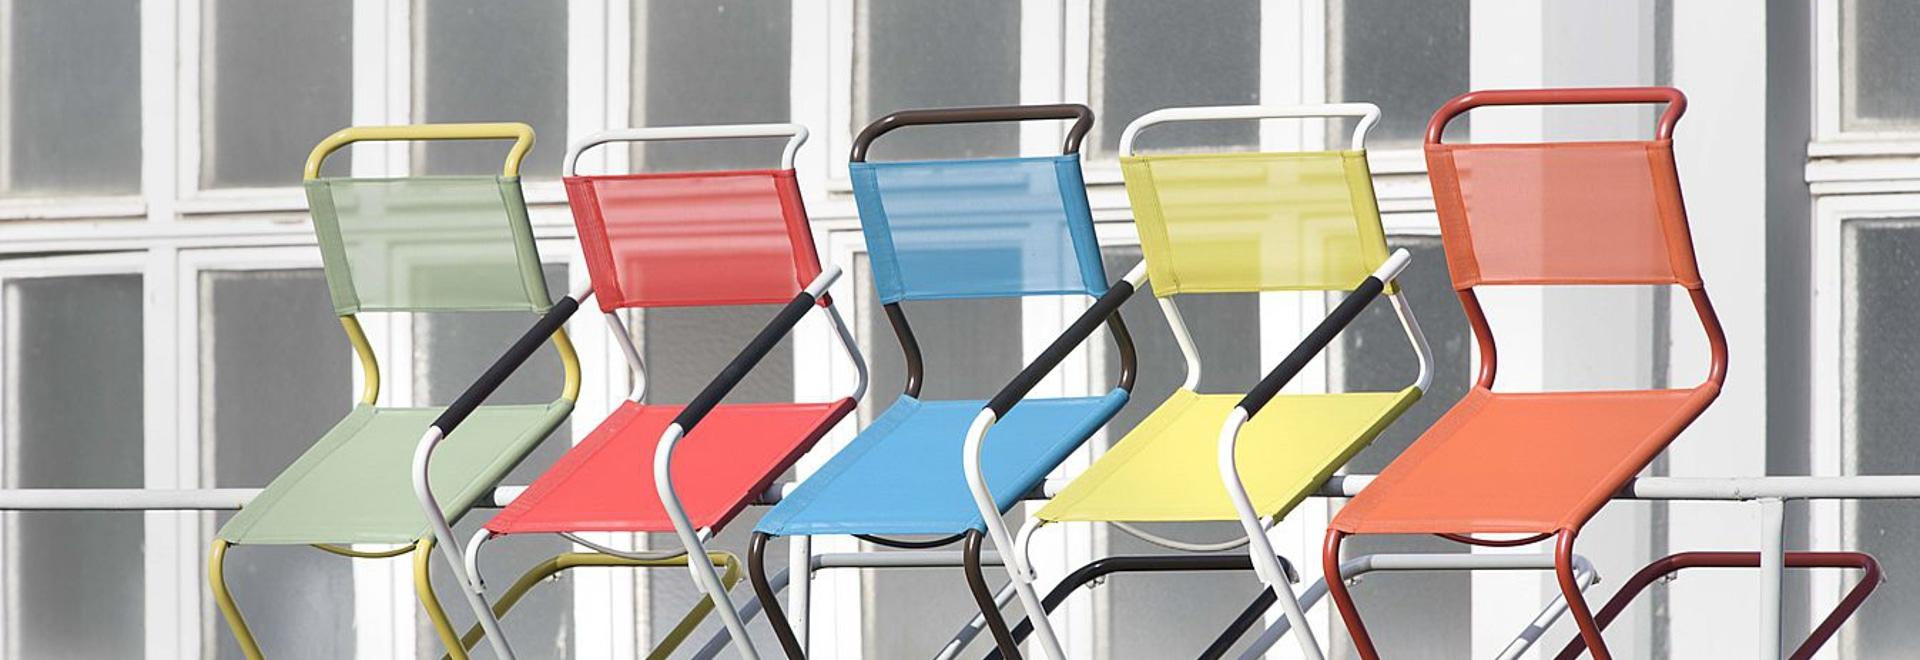 Eine Ansammlung, vier Jahreszeiten - Thonet startet Röhrenstahlklassiker in den neuen Farben für Innen- und im Freiengebrauch